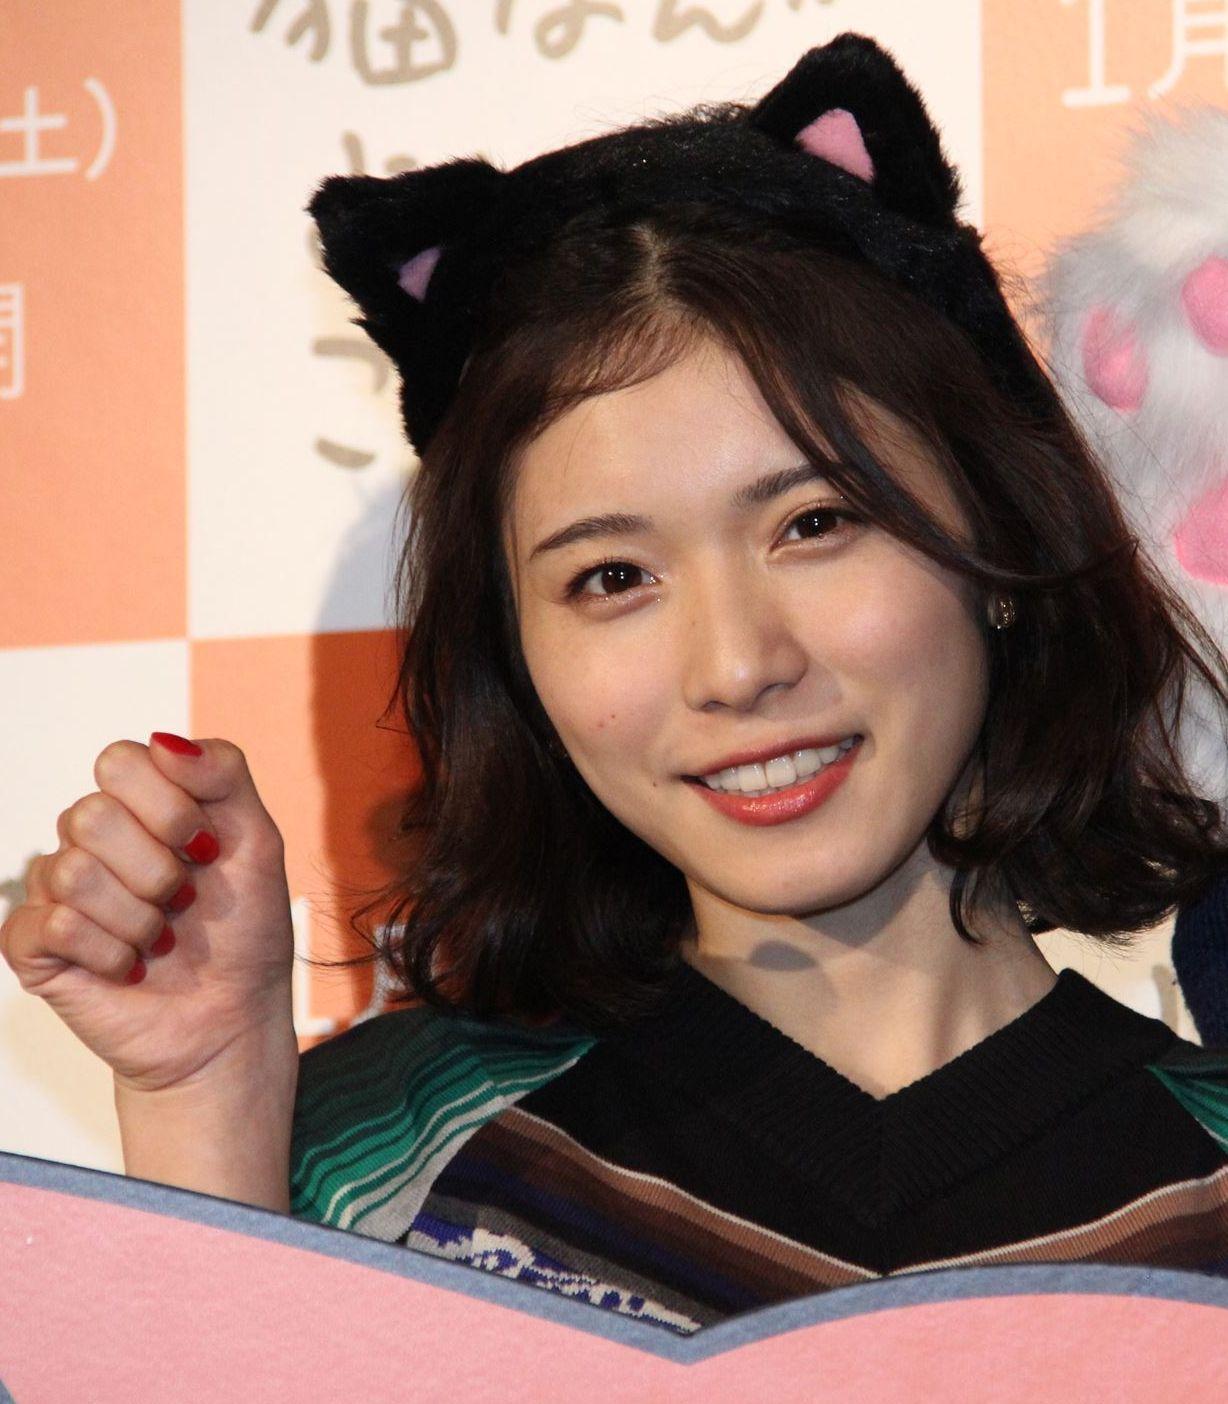 俳優の風間俊介さんが14日、東京都内で行われた映画「猫なんかよんでもこない。」(山本透監督)の試写会イベントに登場。映画のタイトルにちなんで、遊びに呼んでも来...